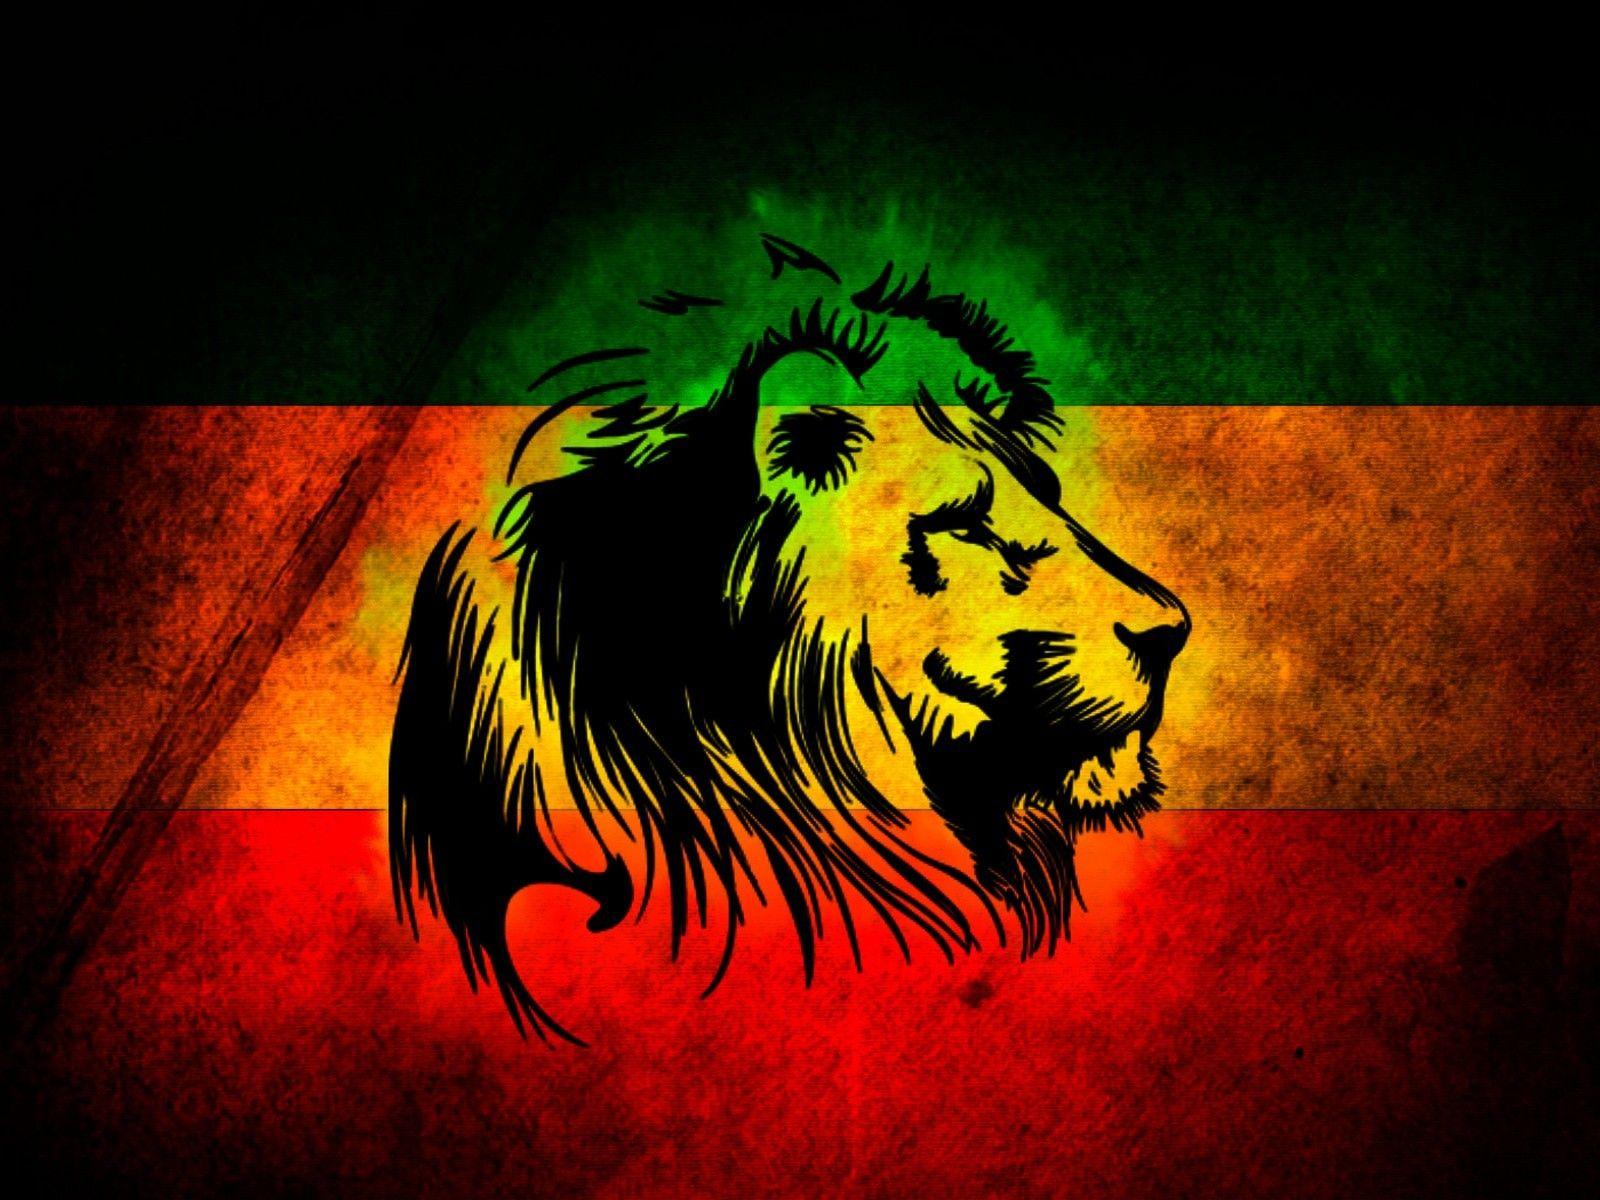 Lion Jamaica Flag Fly This Flag High | Jamaica flag, Lions ...